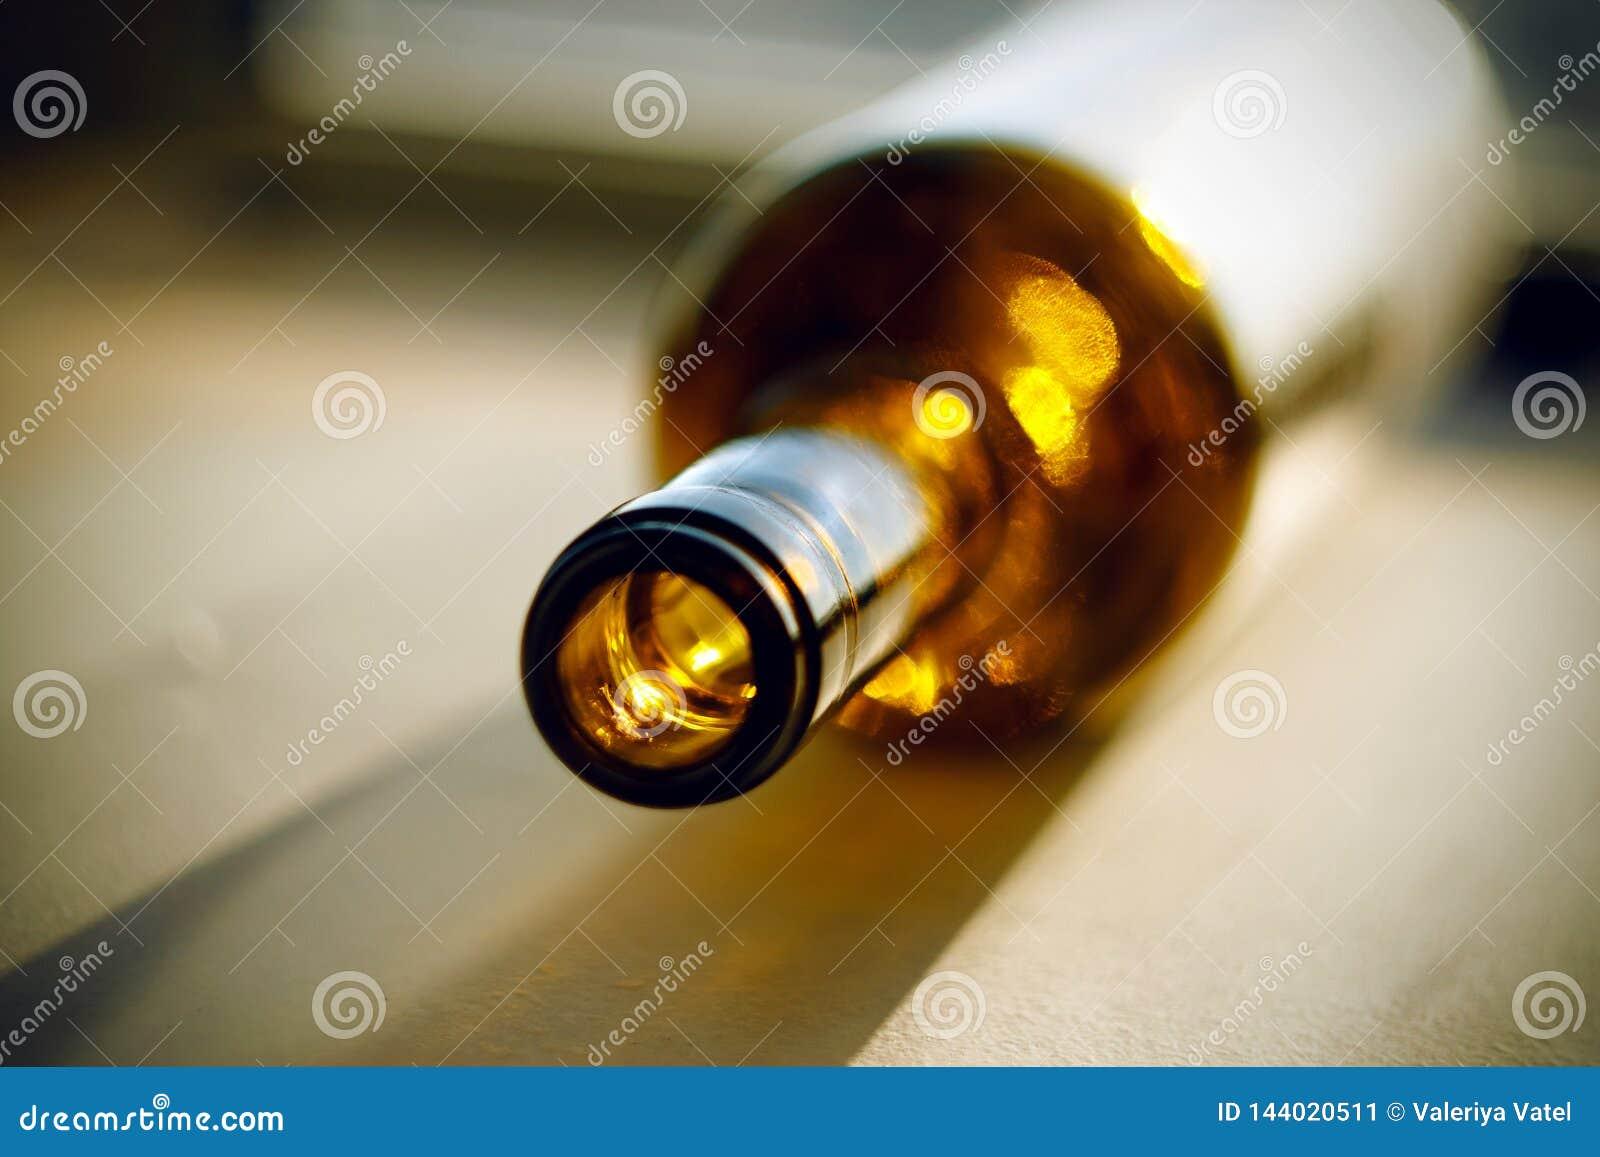 Una botella vacía de alcohol, miente en la superficie iluminada por el sol